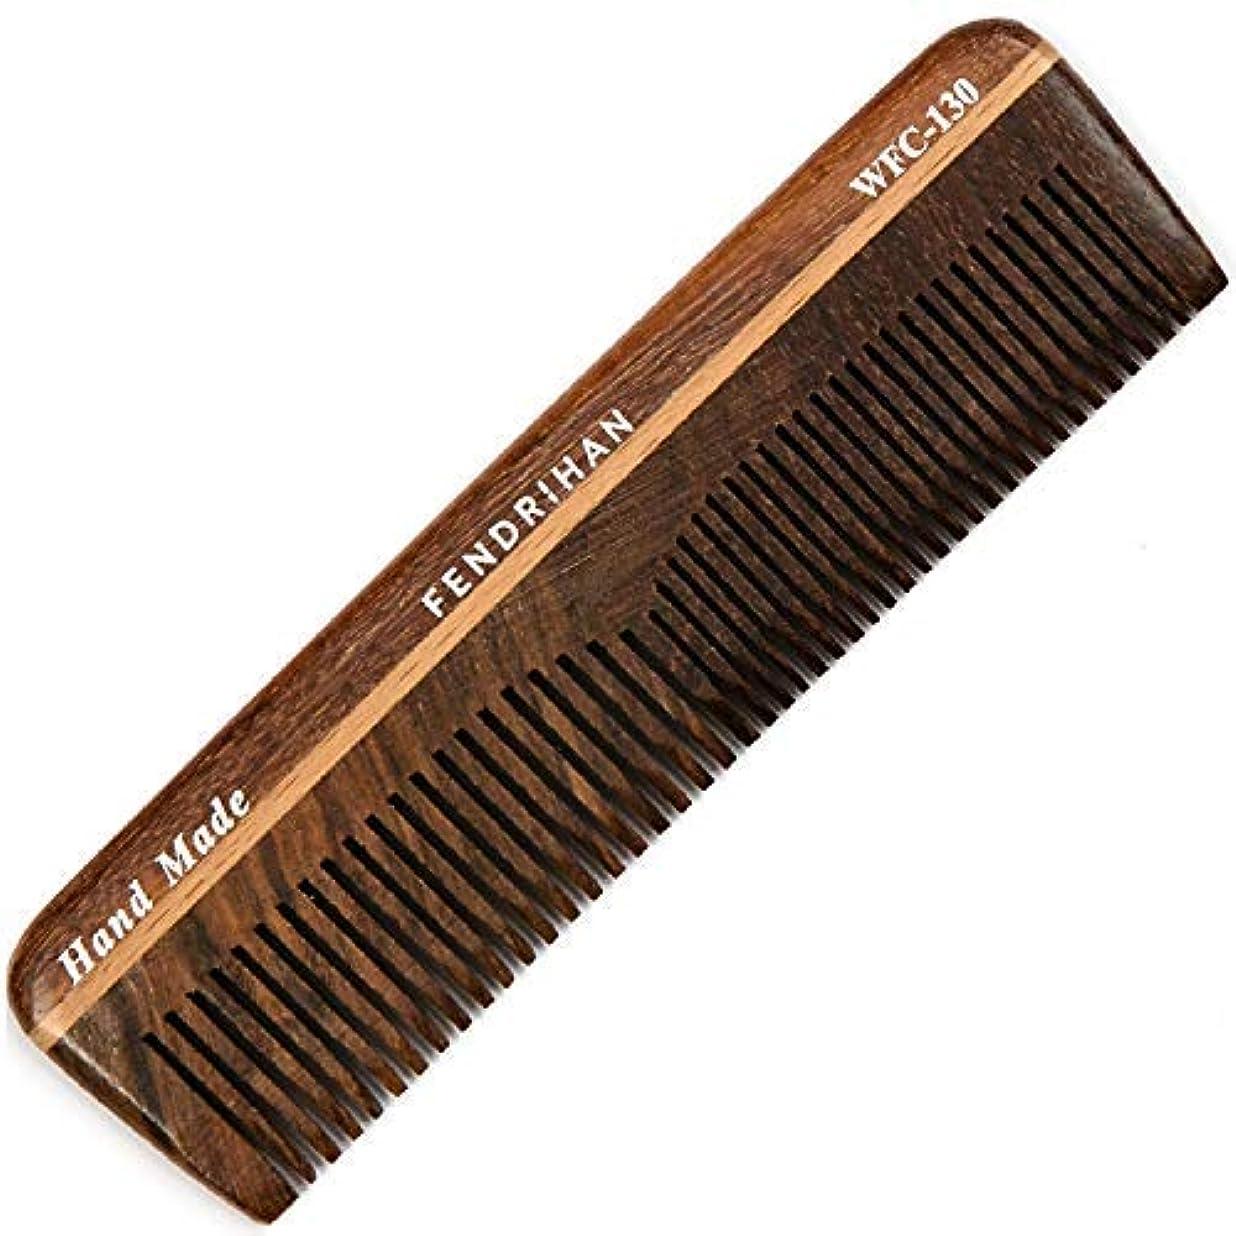 心臓費用キャリッジFendrihan Wooden Double-Tooth Pocket Barber Grooming Comb (5.1 Inches) [並行輸入品]